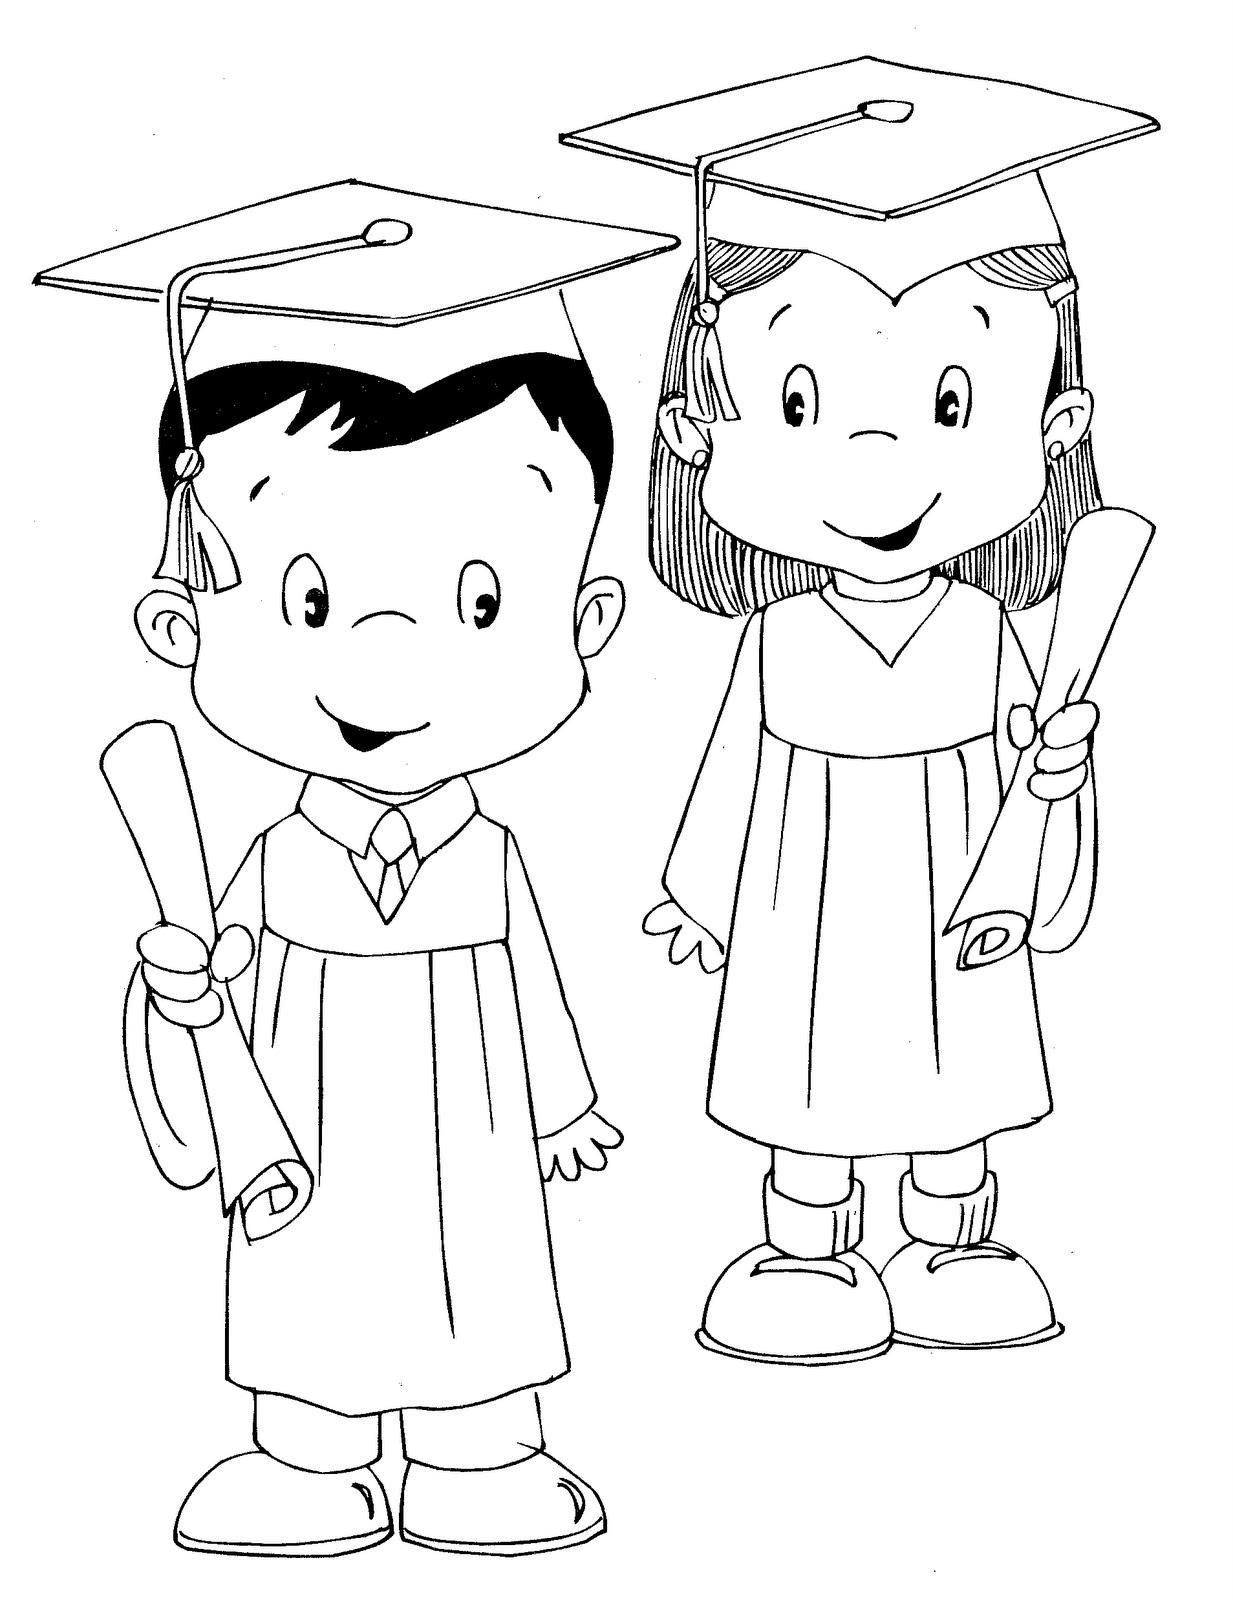 Dibujos para colorear de la graduacin